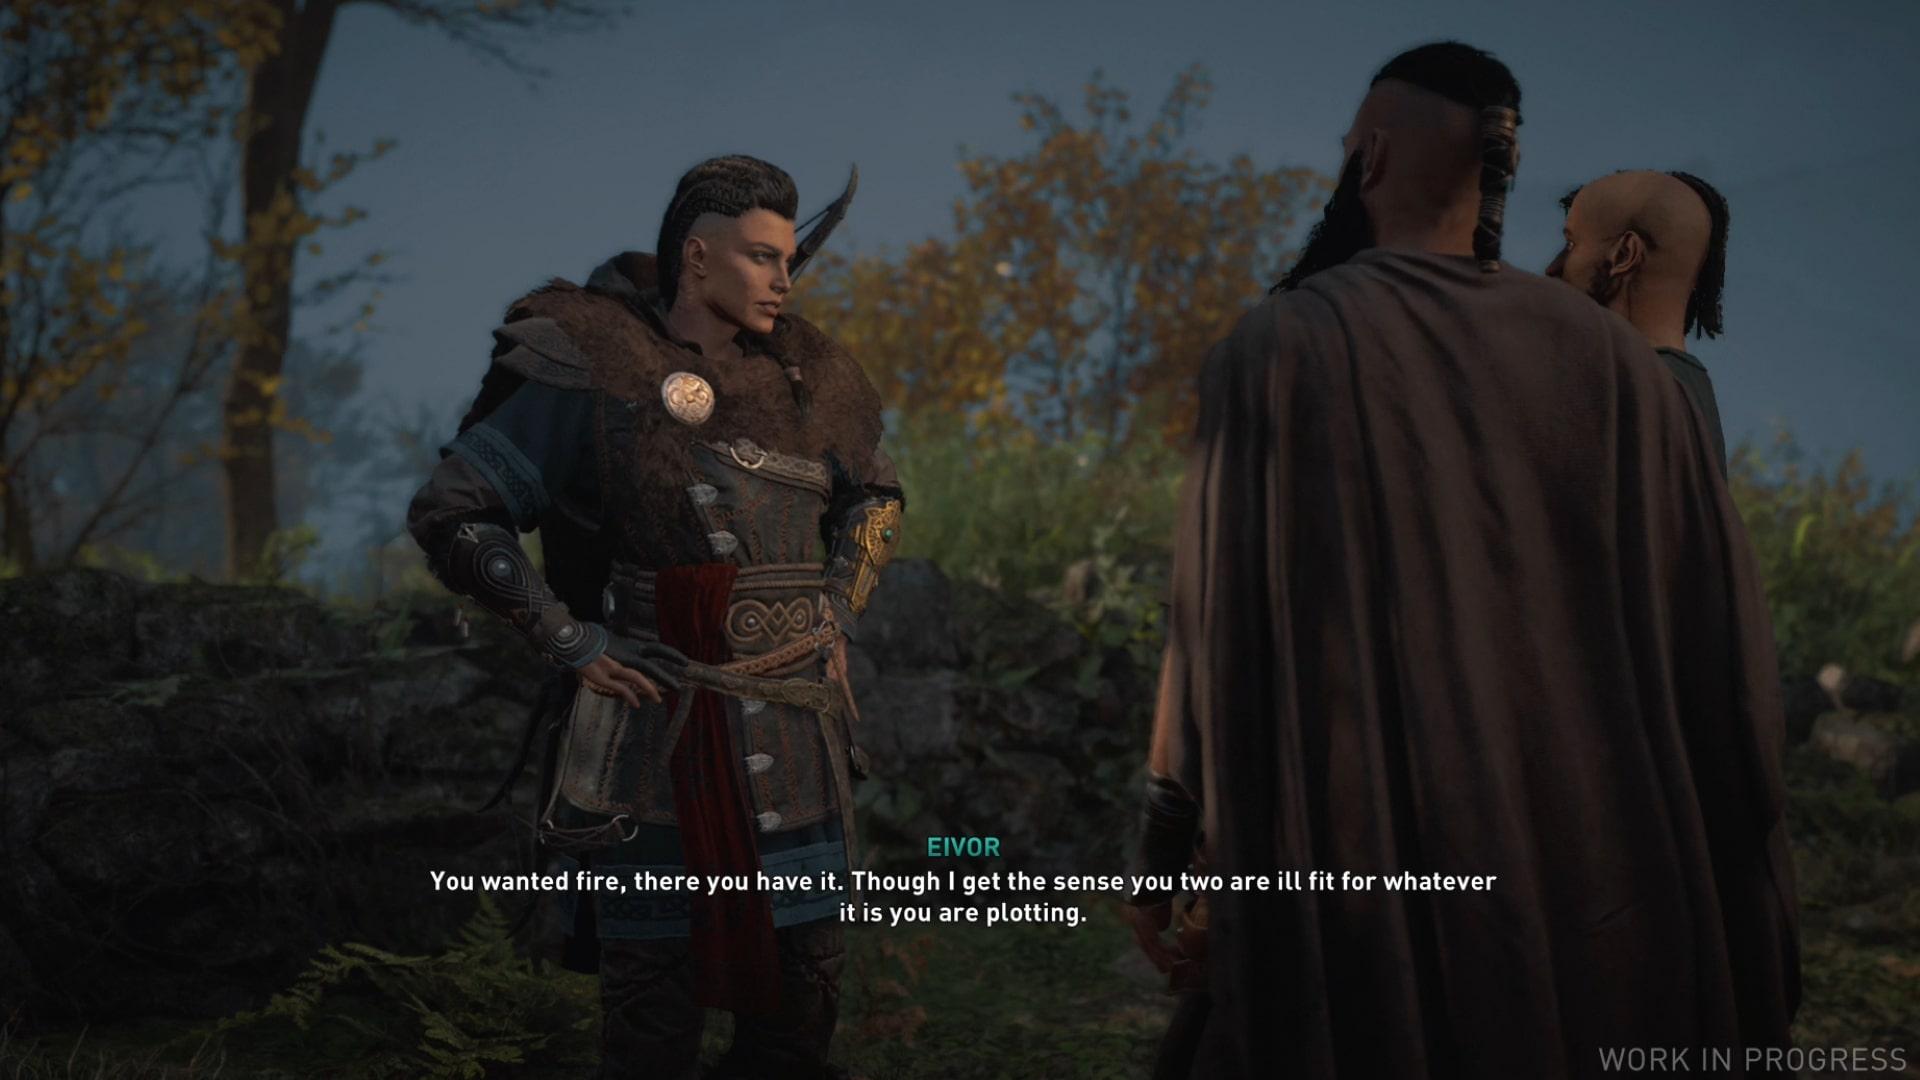 Eivor charlando con dos aspirantes a asaltante vikingo que acababan de incendiar la casa por la que estaban discutiendo.